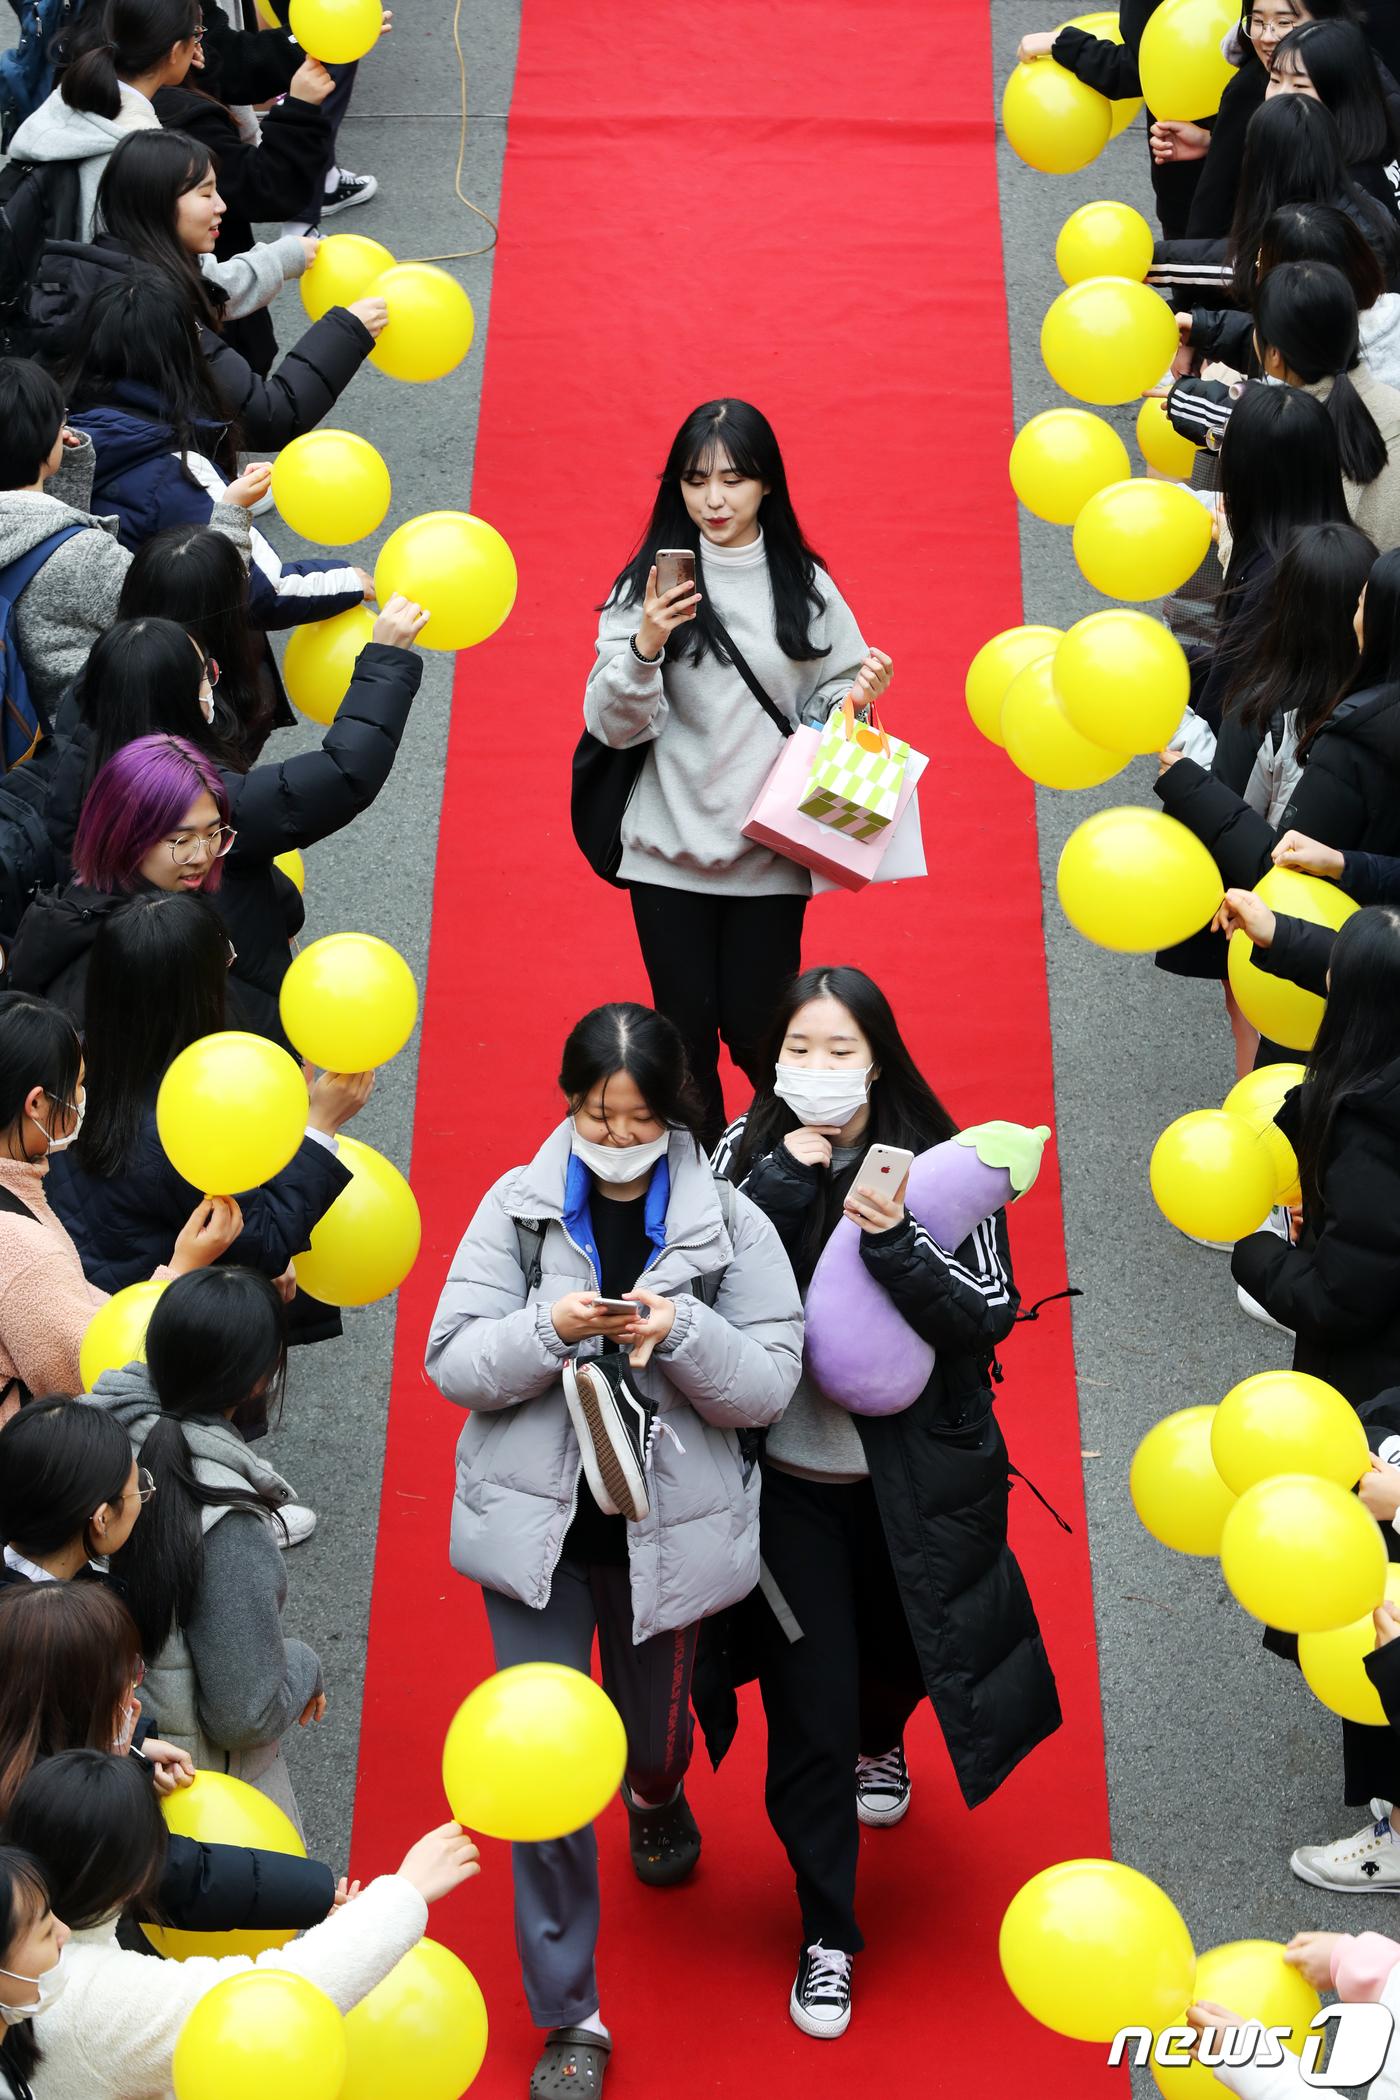 [르포]수능 D-1..노란풍선에 레드카펫 깔고 선배들 응원[비올라 토토|워너비 토토]